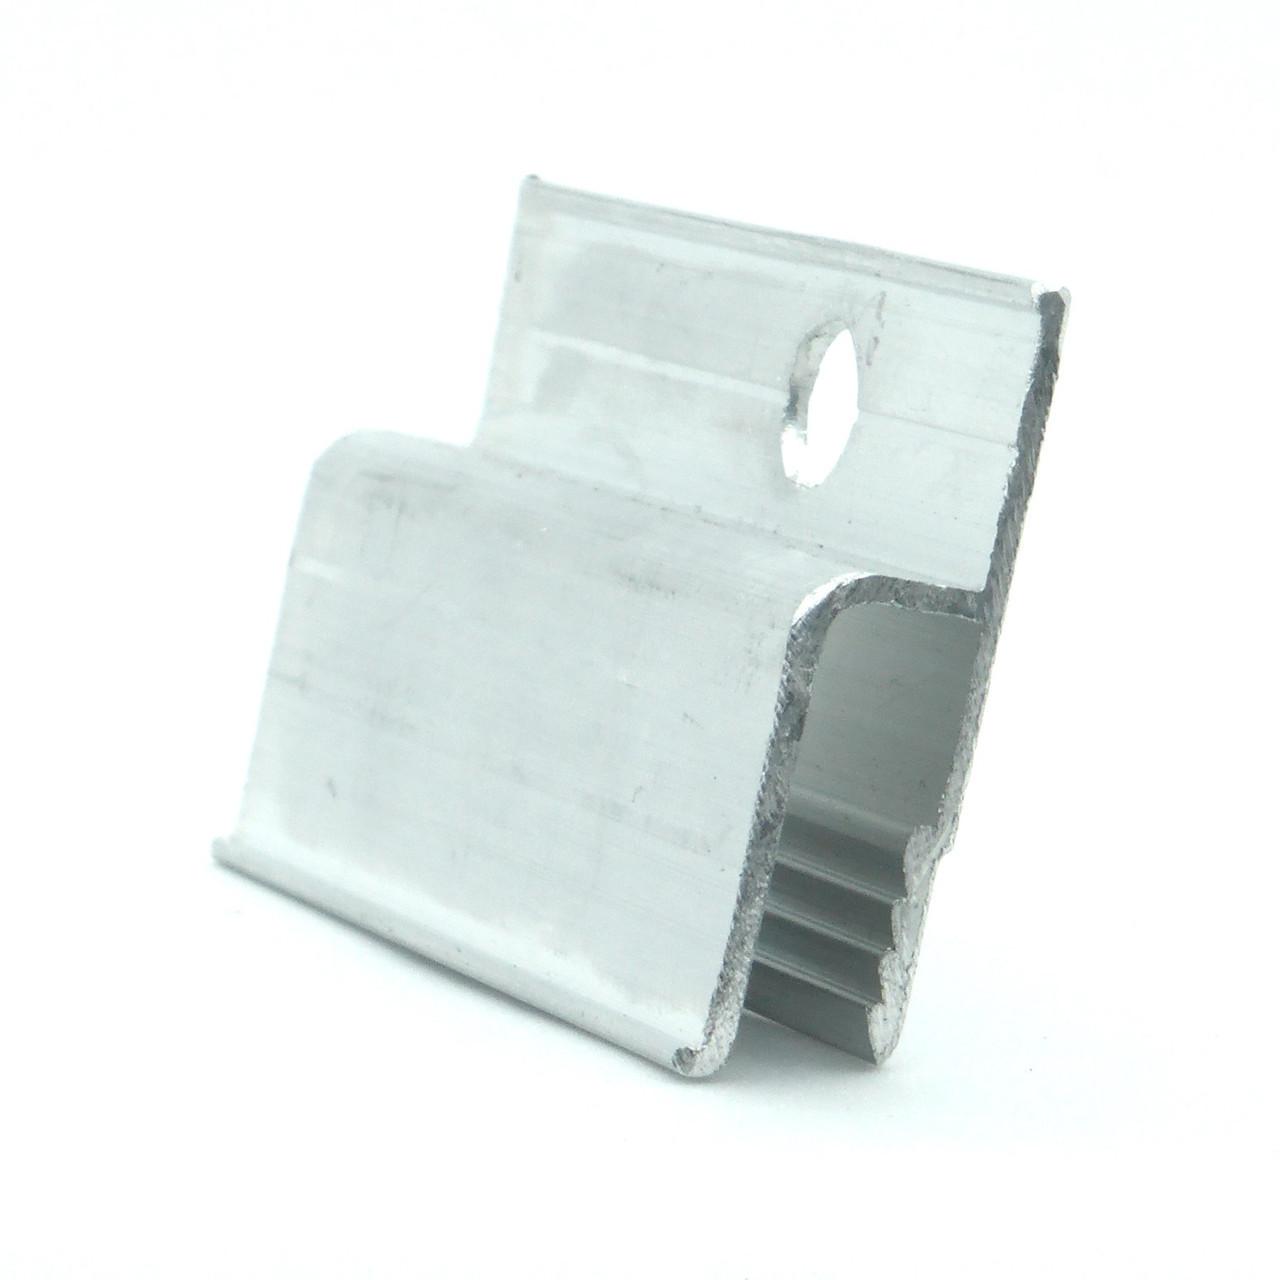 Профіль алюмінієвий для натяжних стель - h-подібний, перфорований, 160 грам. Довжина профілю 2,5 м.